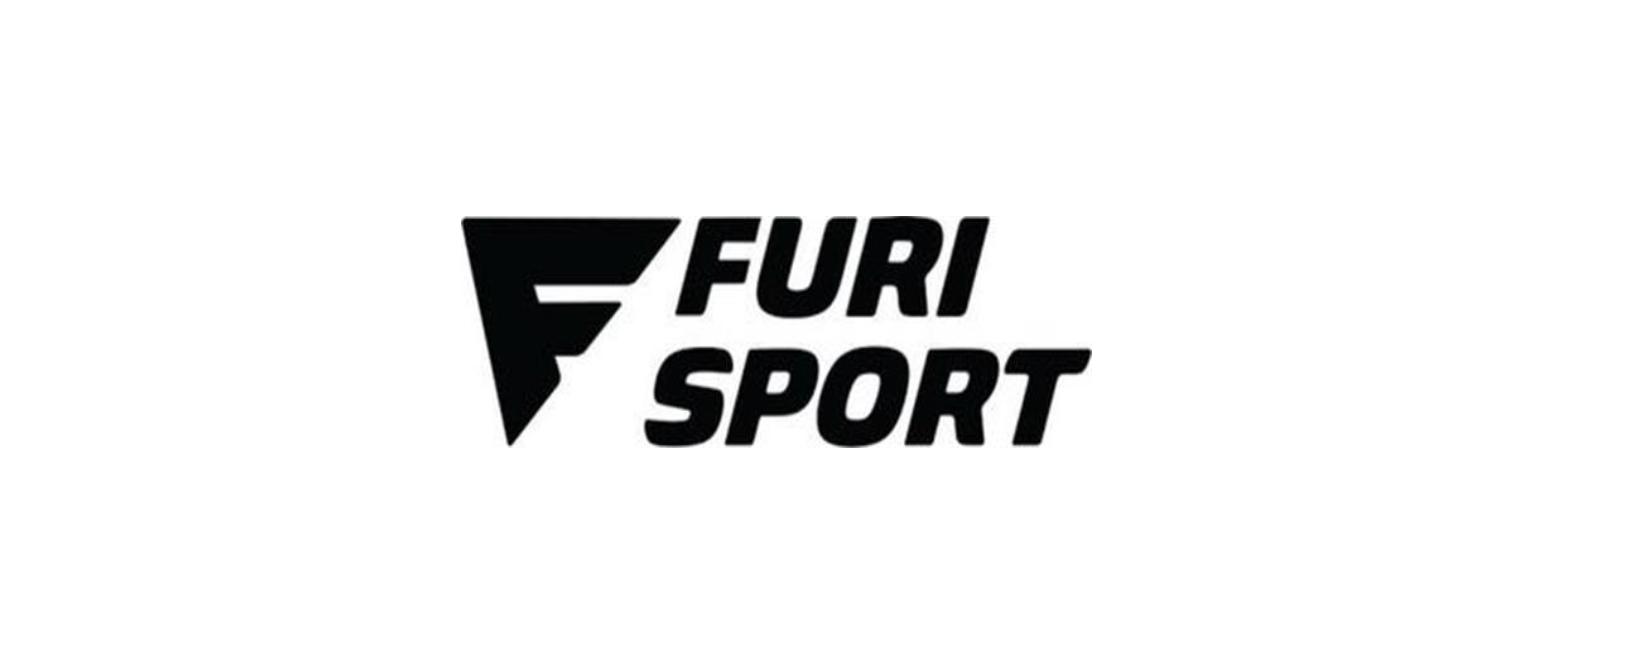 Furi Sport Discount Code 2021